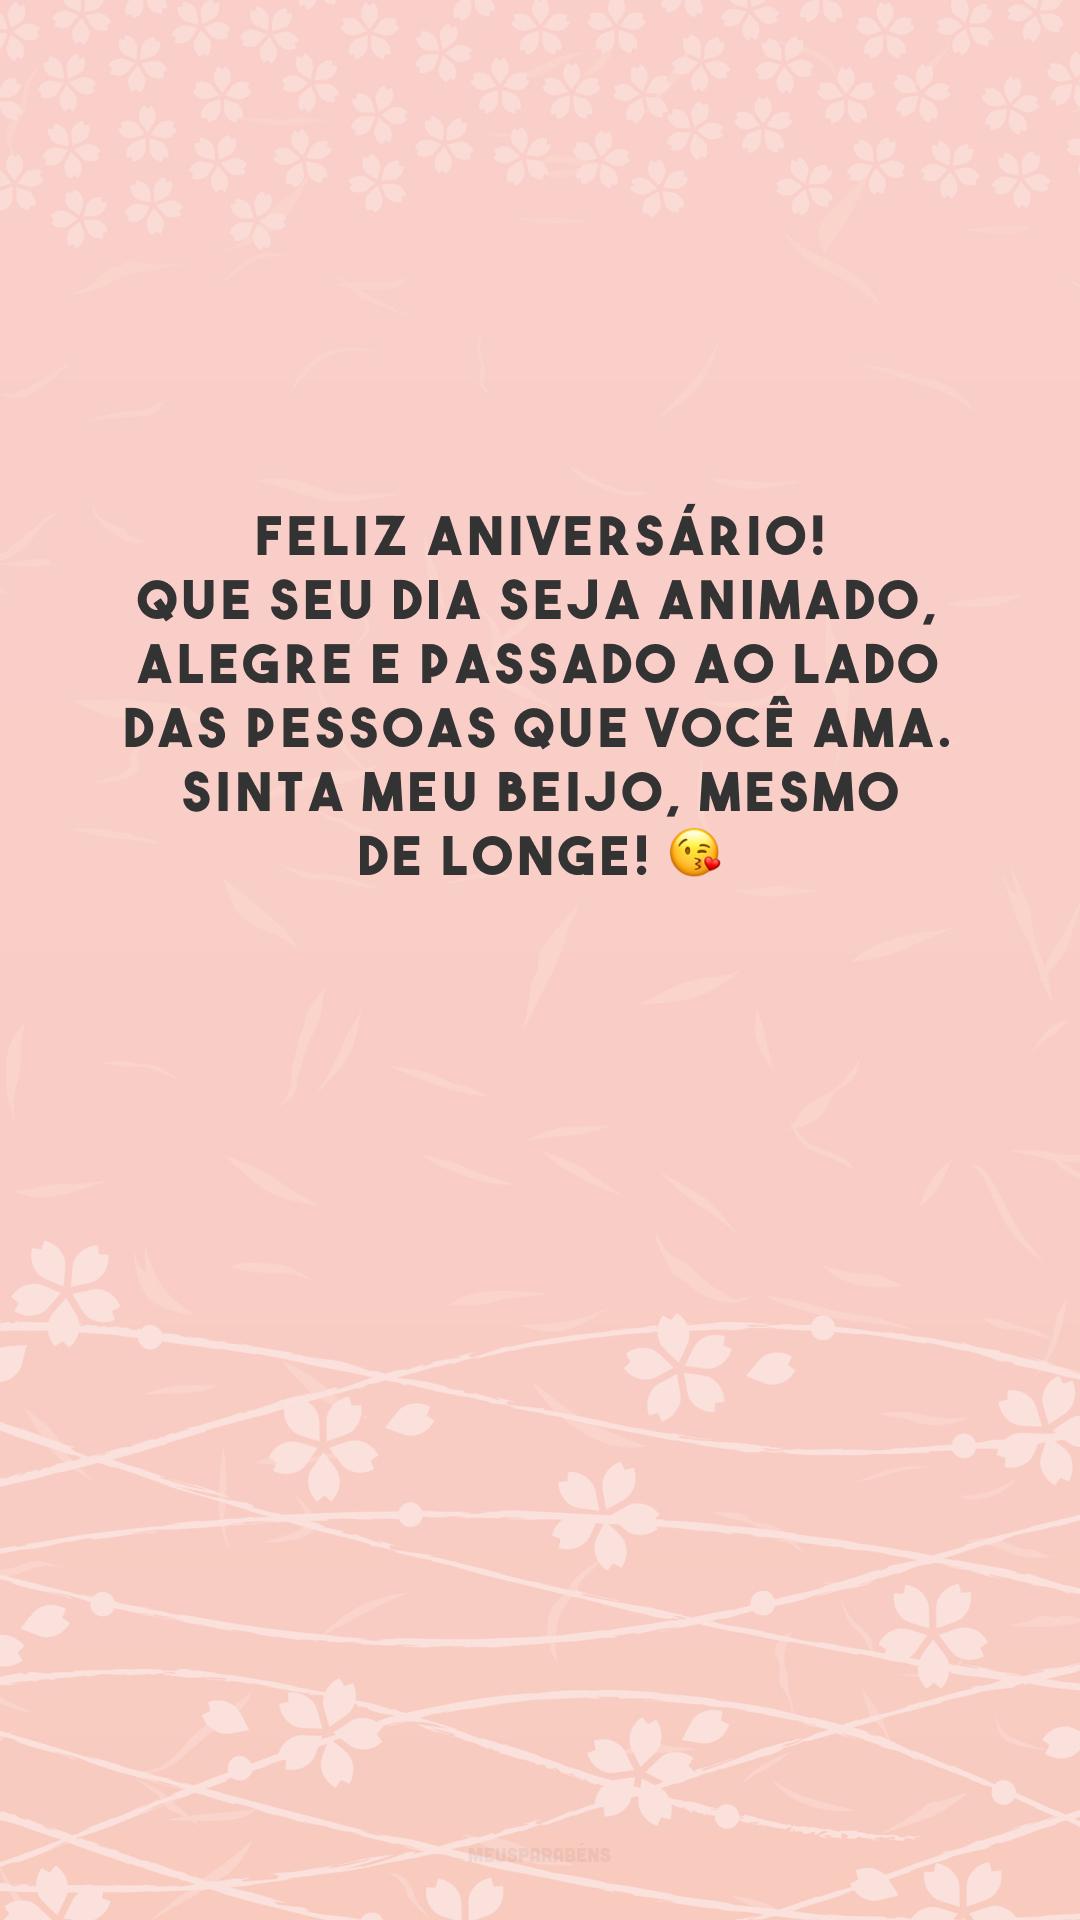 Feliz aniversário! Que seu dia seja animado, alegre e passado ao lado das pessoas que você ama. Sinta meu beijo, mesmo de longe! 😘